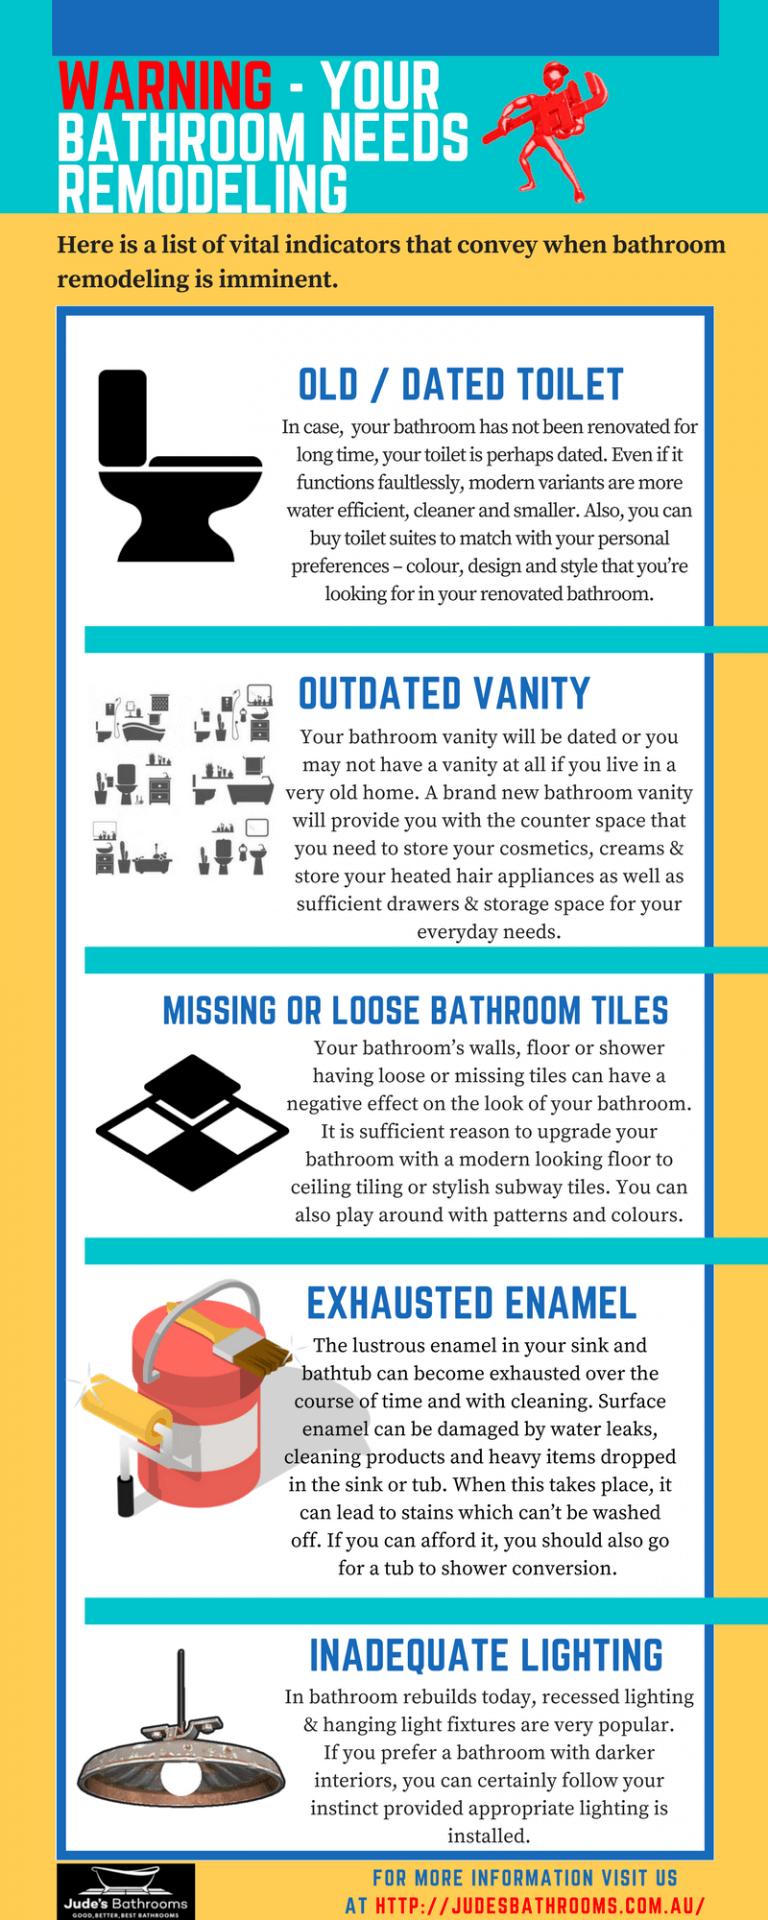 Bathroom-Remodeling-Warnings